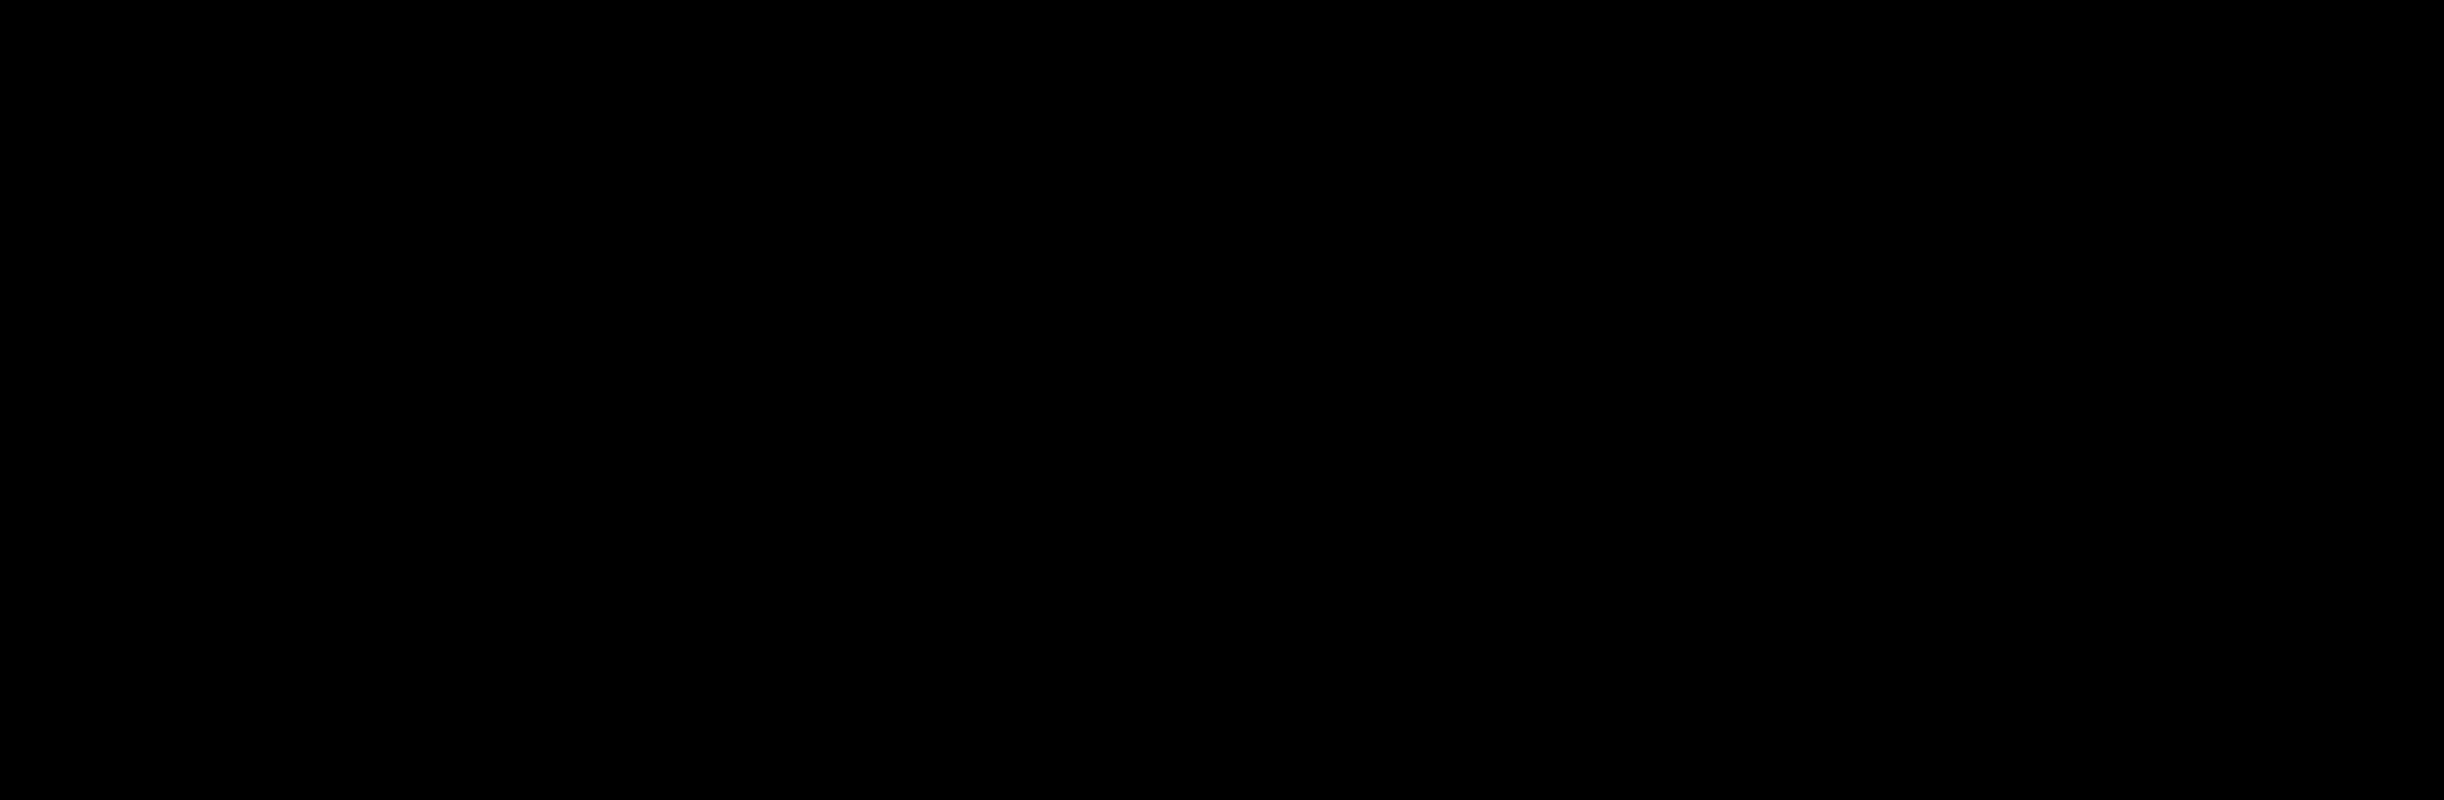 задач гармонии дубовский и по решебник